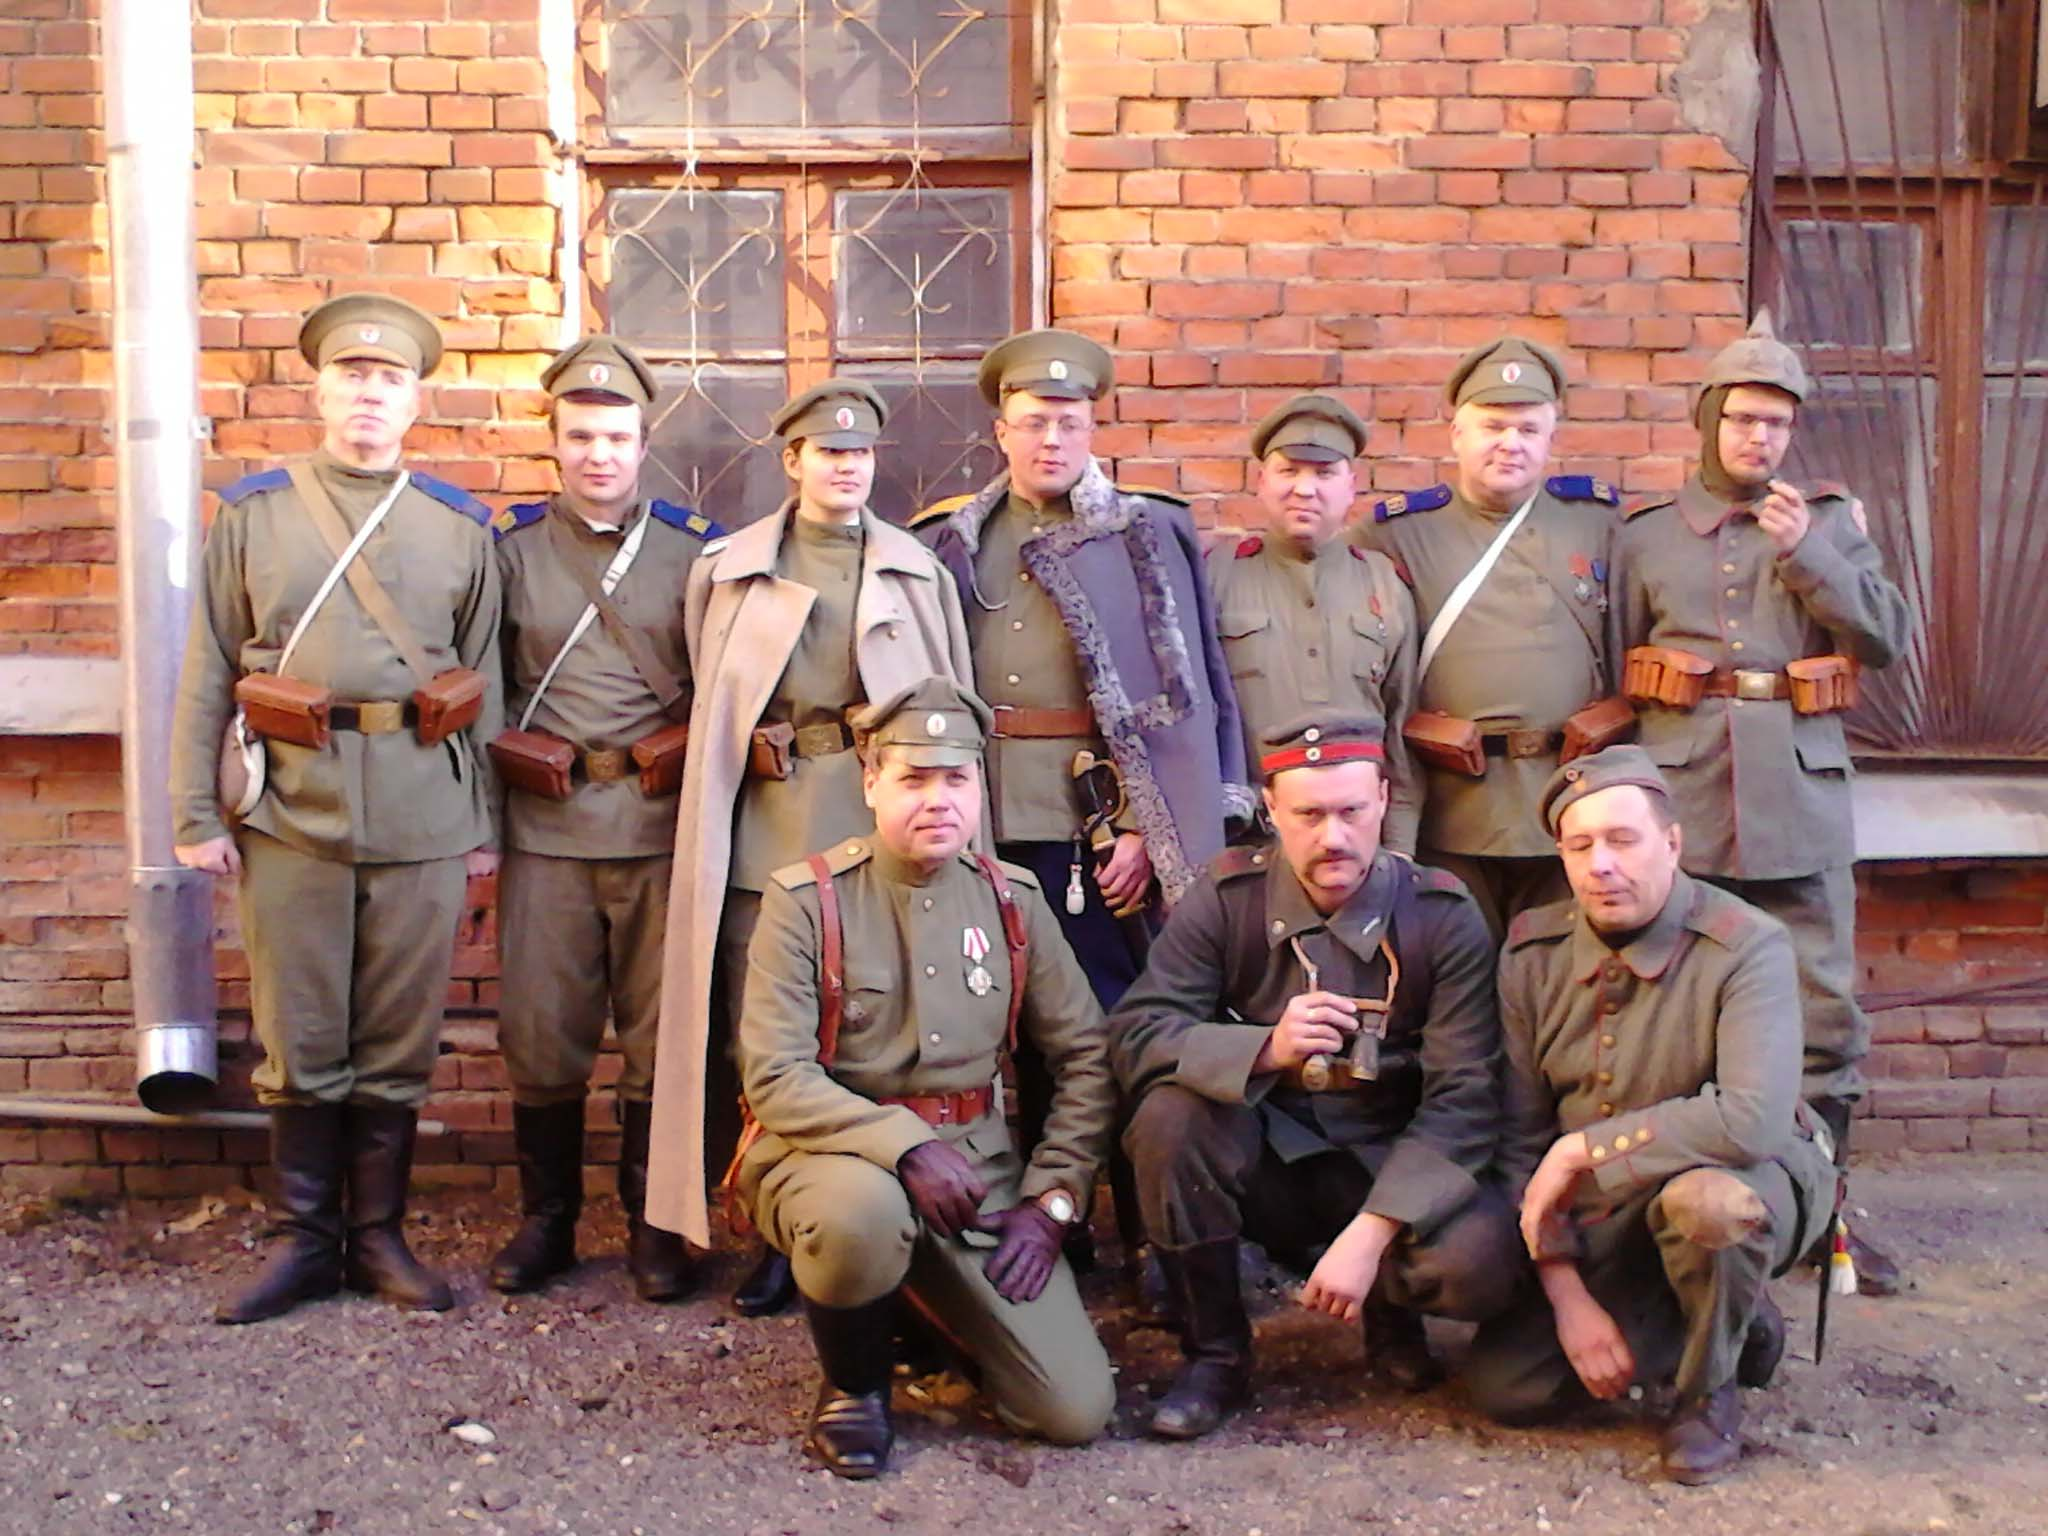 Участники театрализованной реконструкции